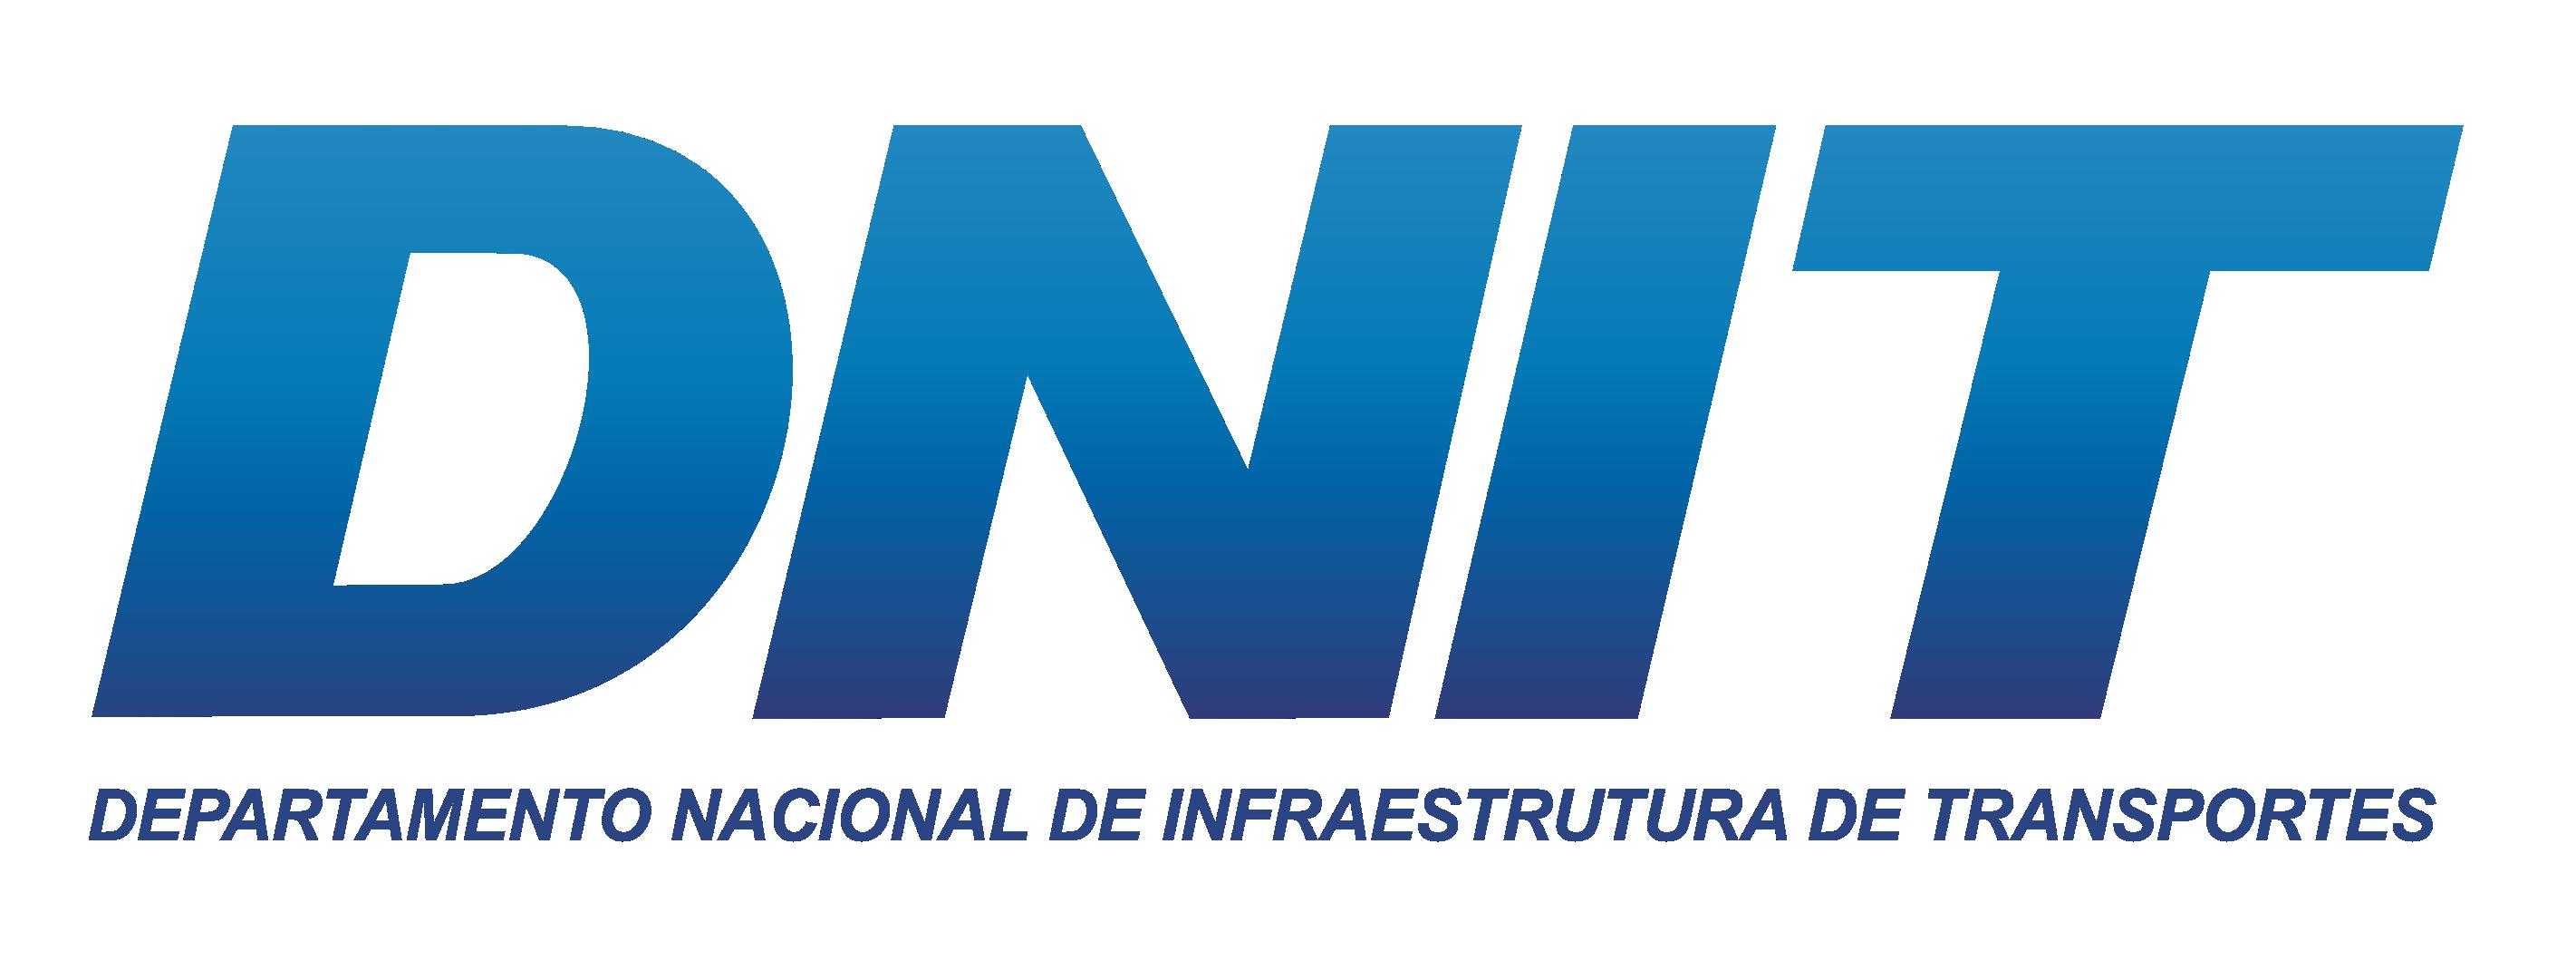 Dnit- Df Departamento Nacional De Infraestrutura